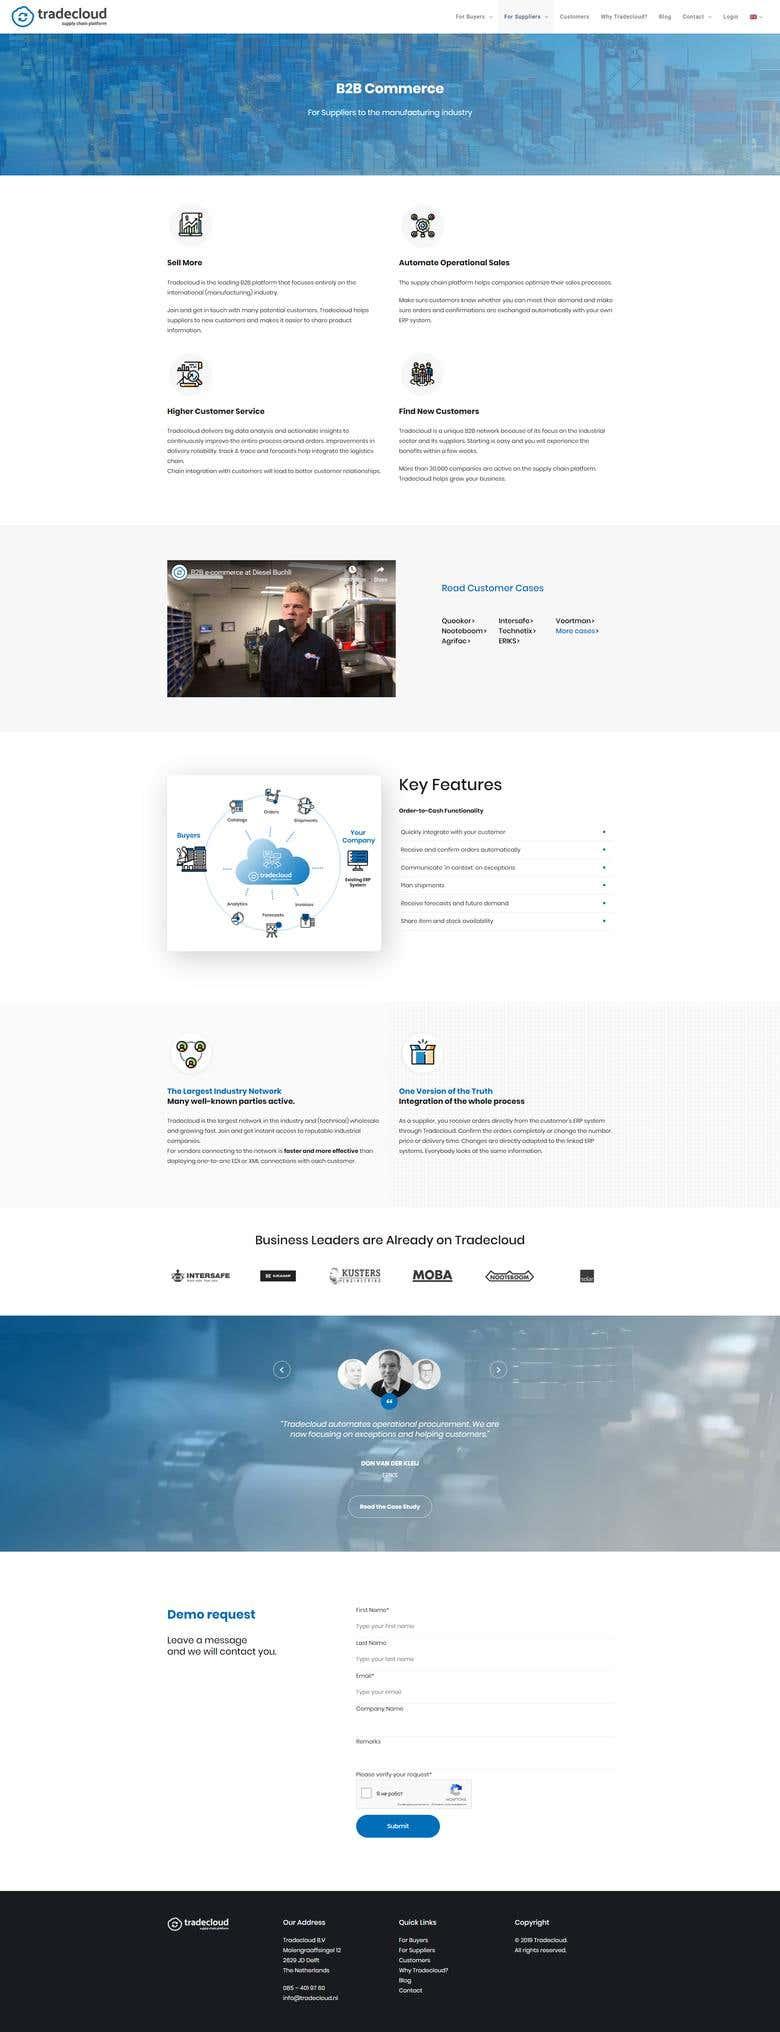 screencapture-tradecloud1-en-b2b-ecommerce-platform-for-sellers-2019-04-22-15_42_42.png